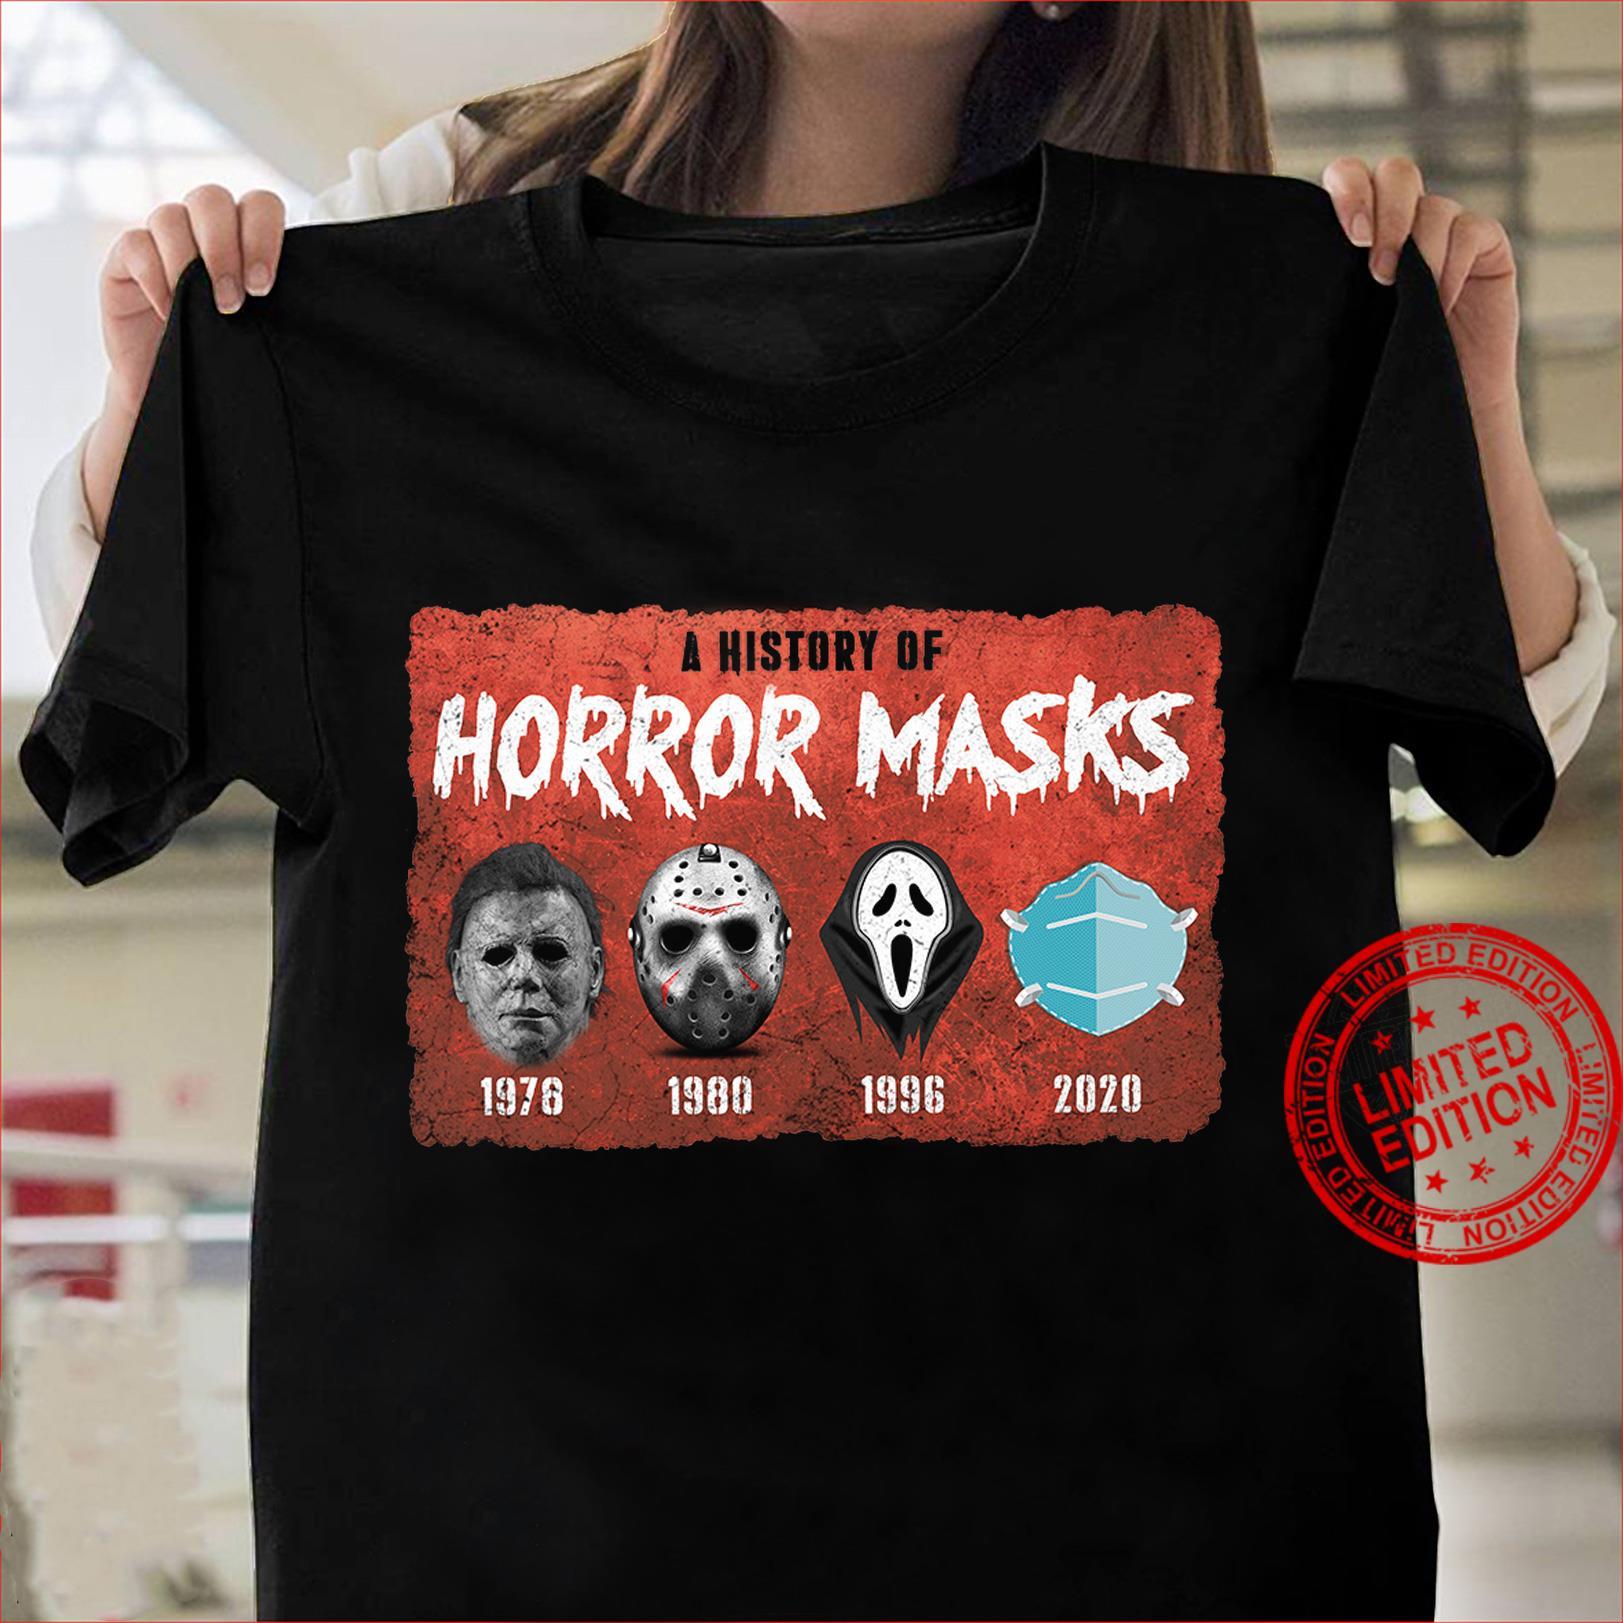 A History Of Horror Masks Jason 1976 Friday 1980 Ghost 1996 And Masks 2020 Shirt